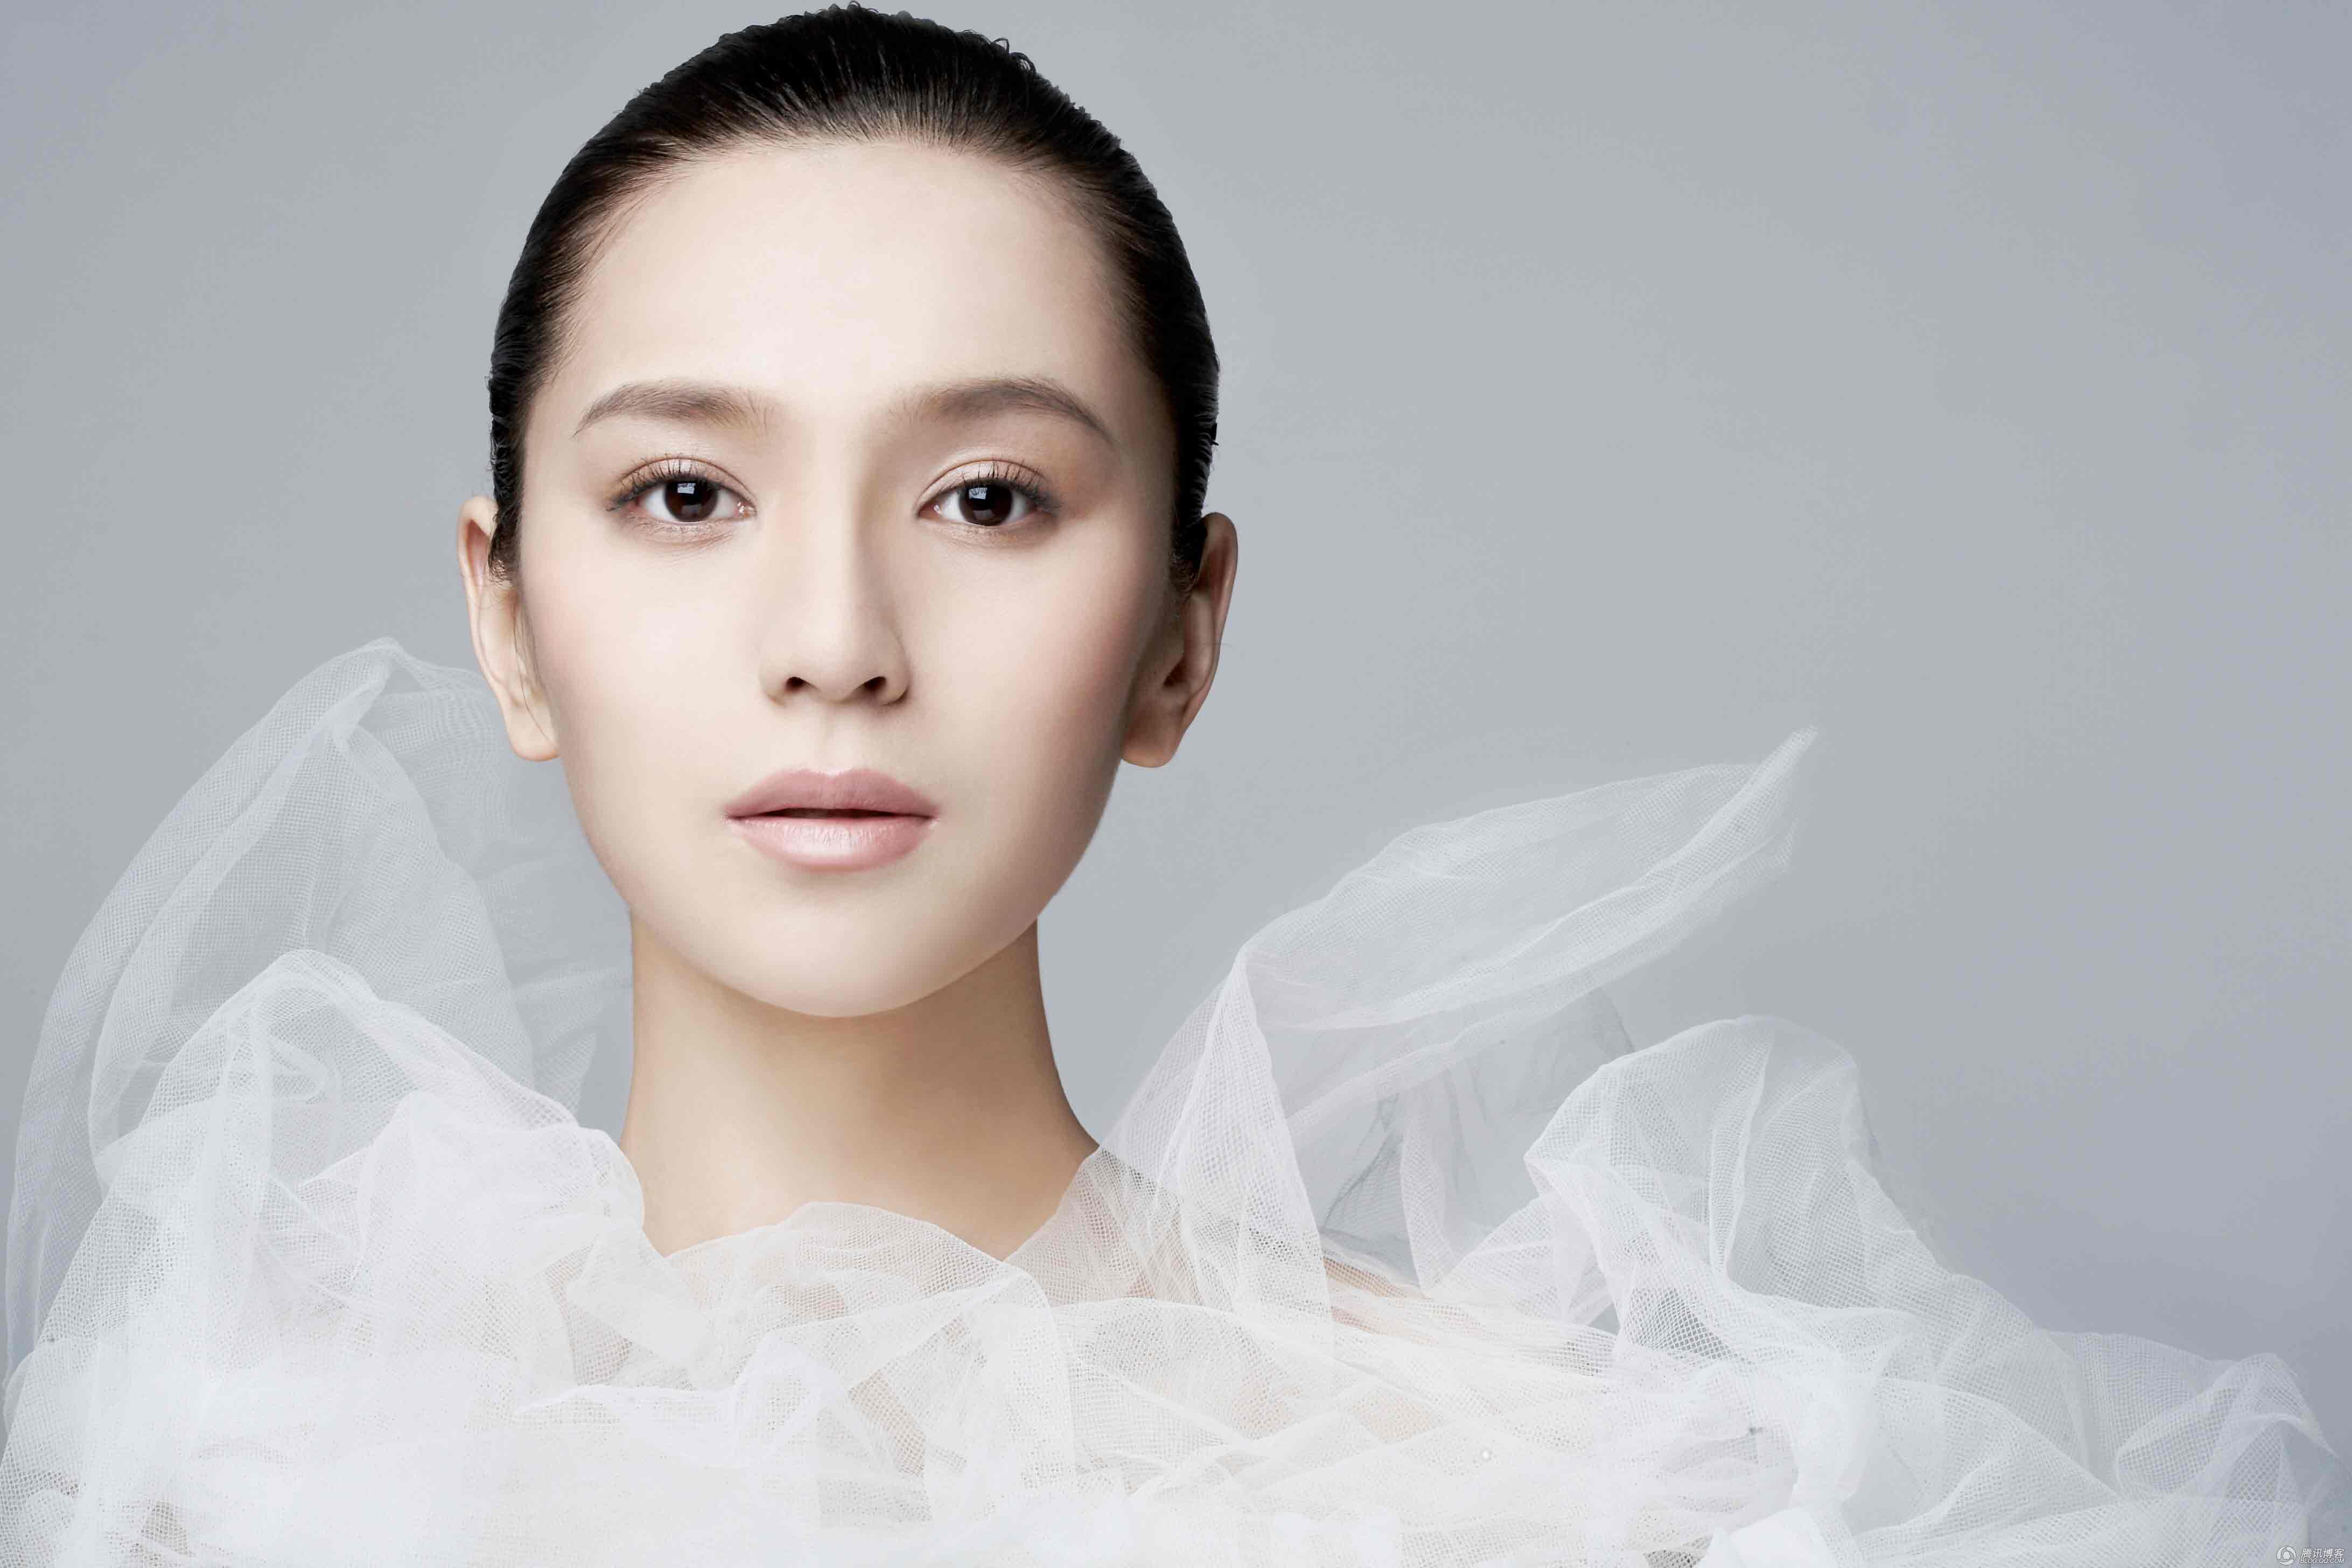 プチプラなのに効果抜群!肌に透明感がでる、ちふれの美白化粧水のサムネイル画像